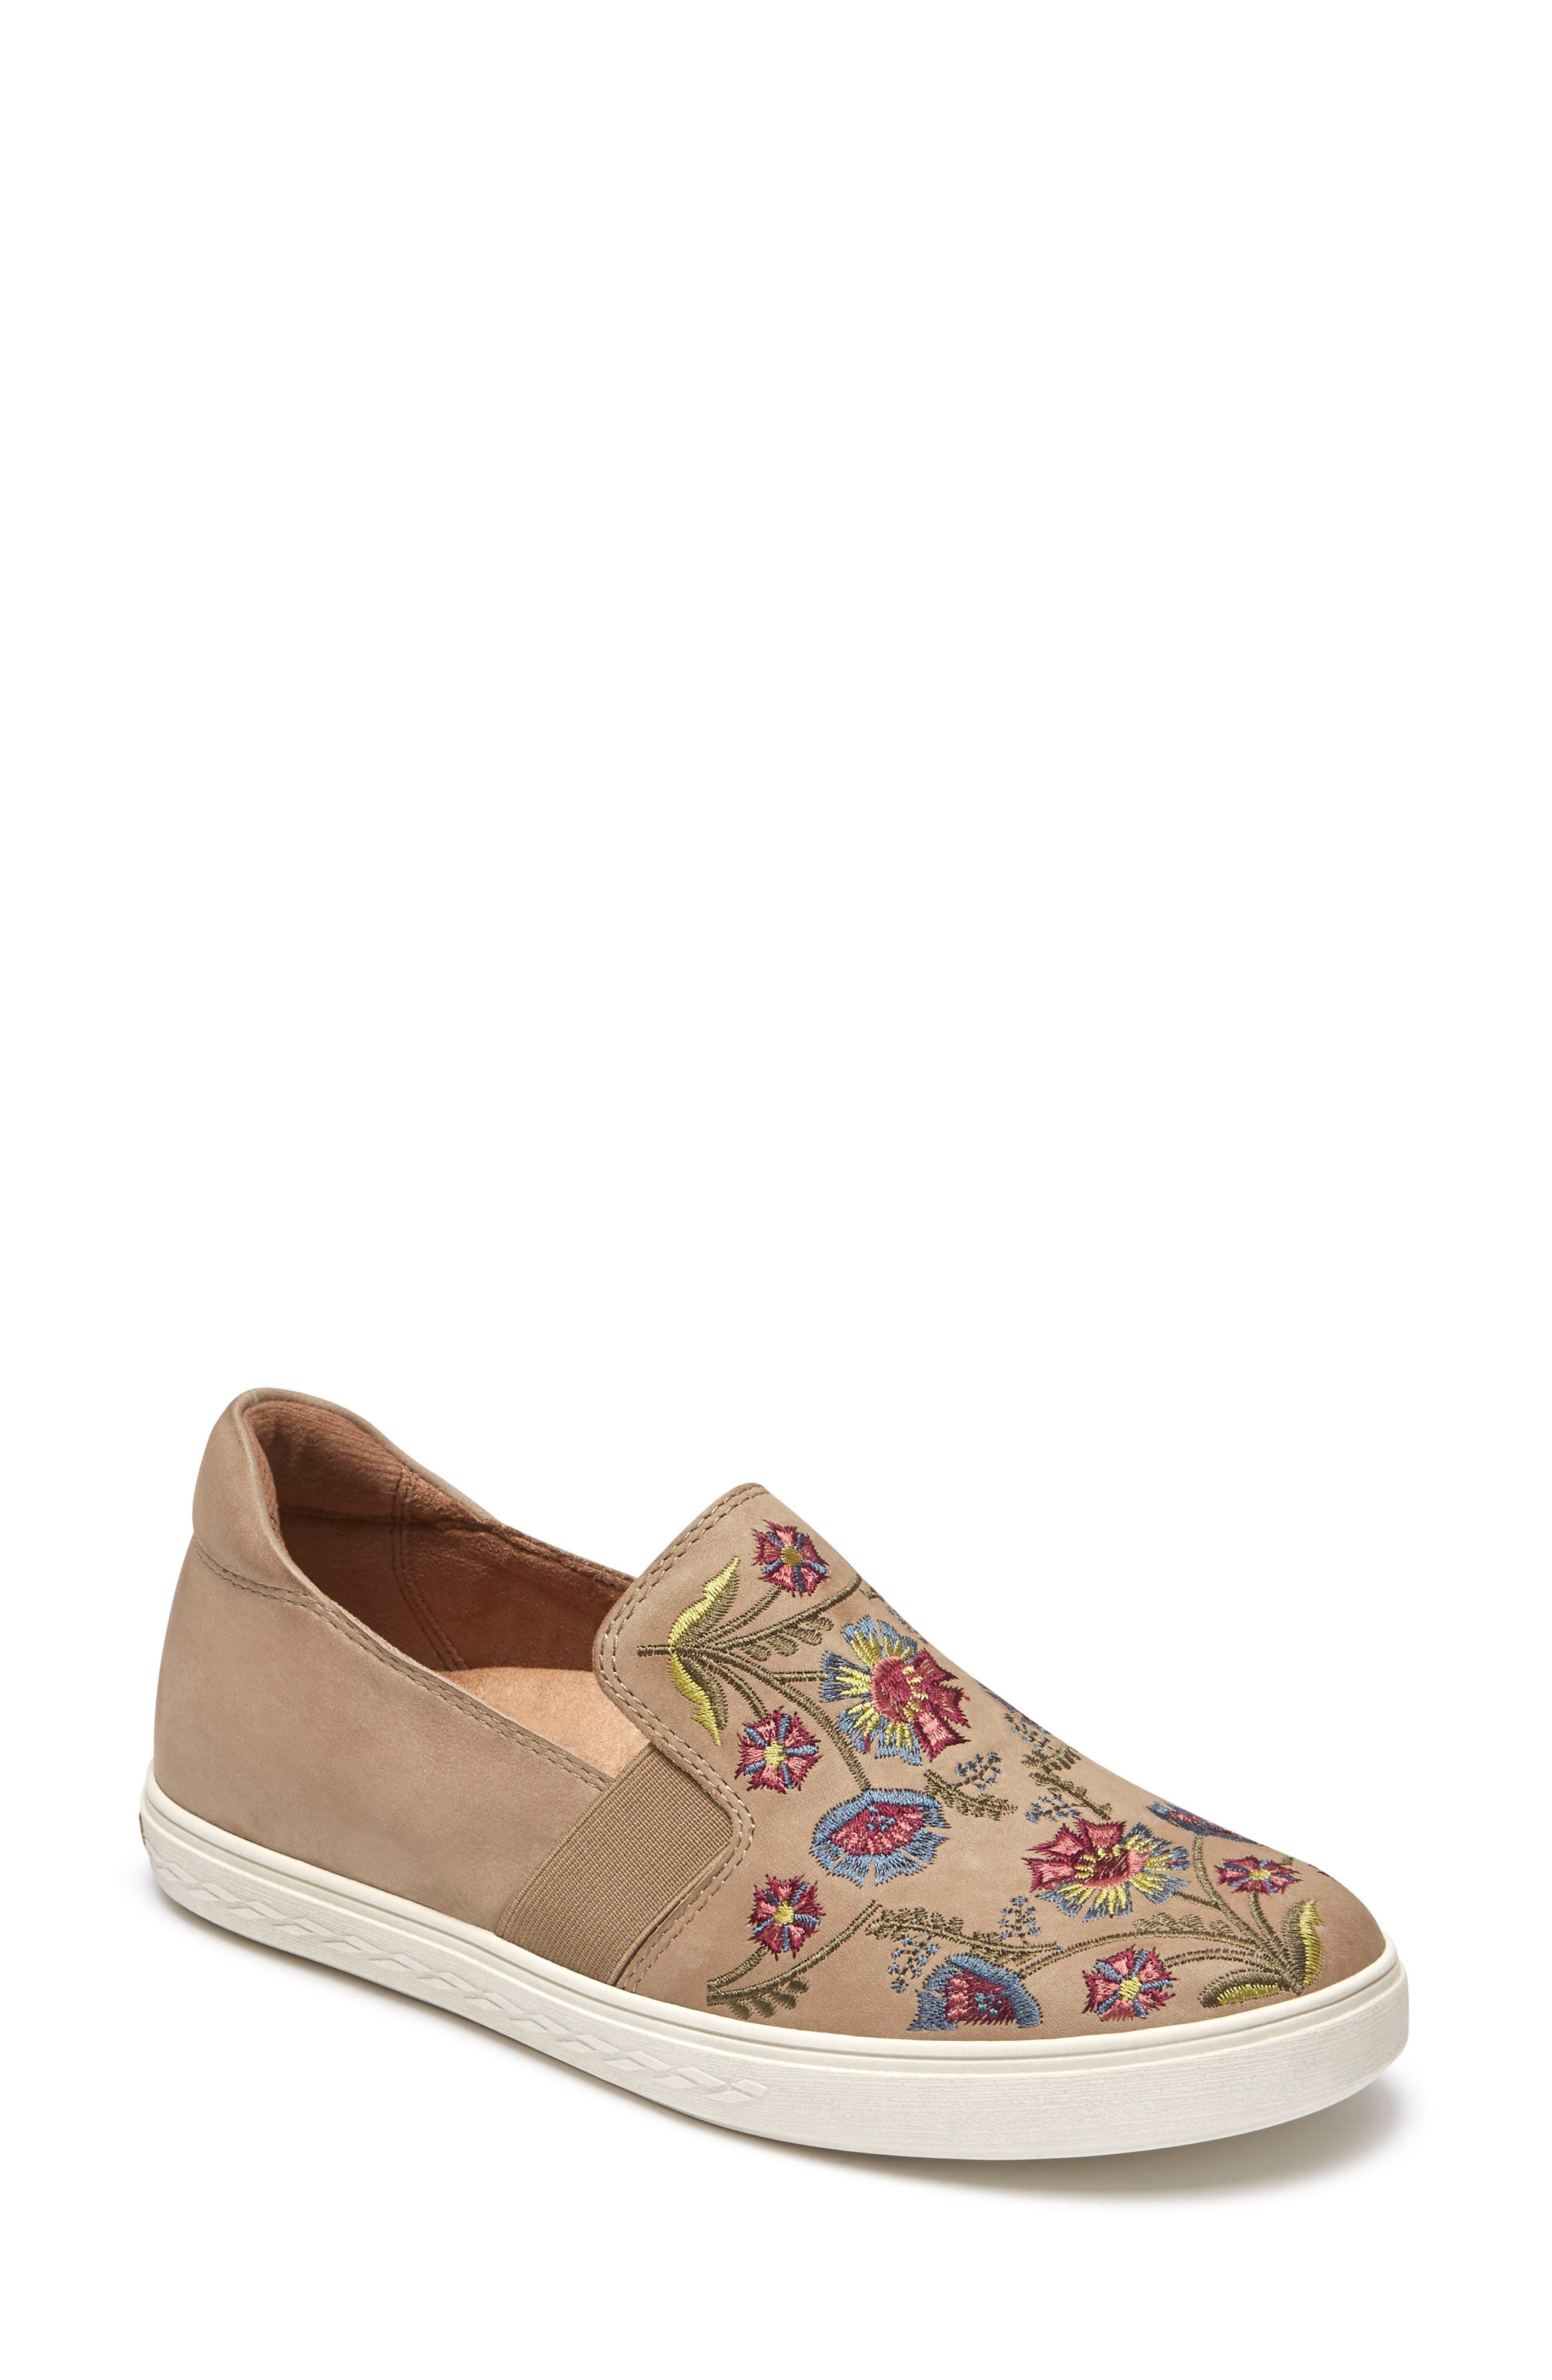 Cobb Hill Flower Embroidered Slip-On Sneaker- Beige